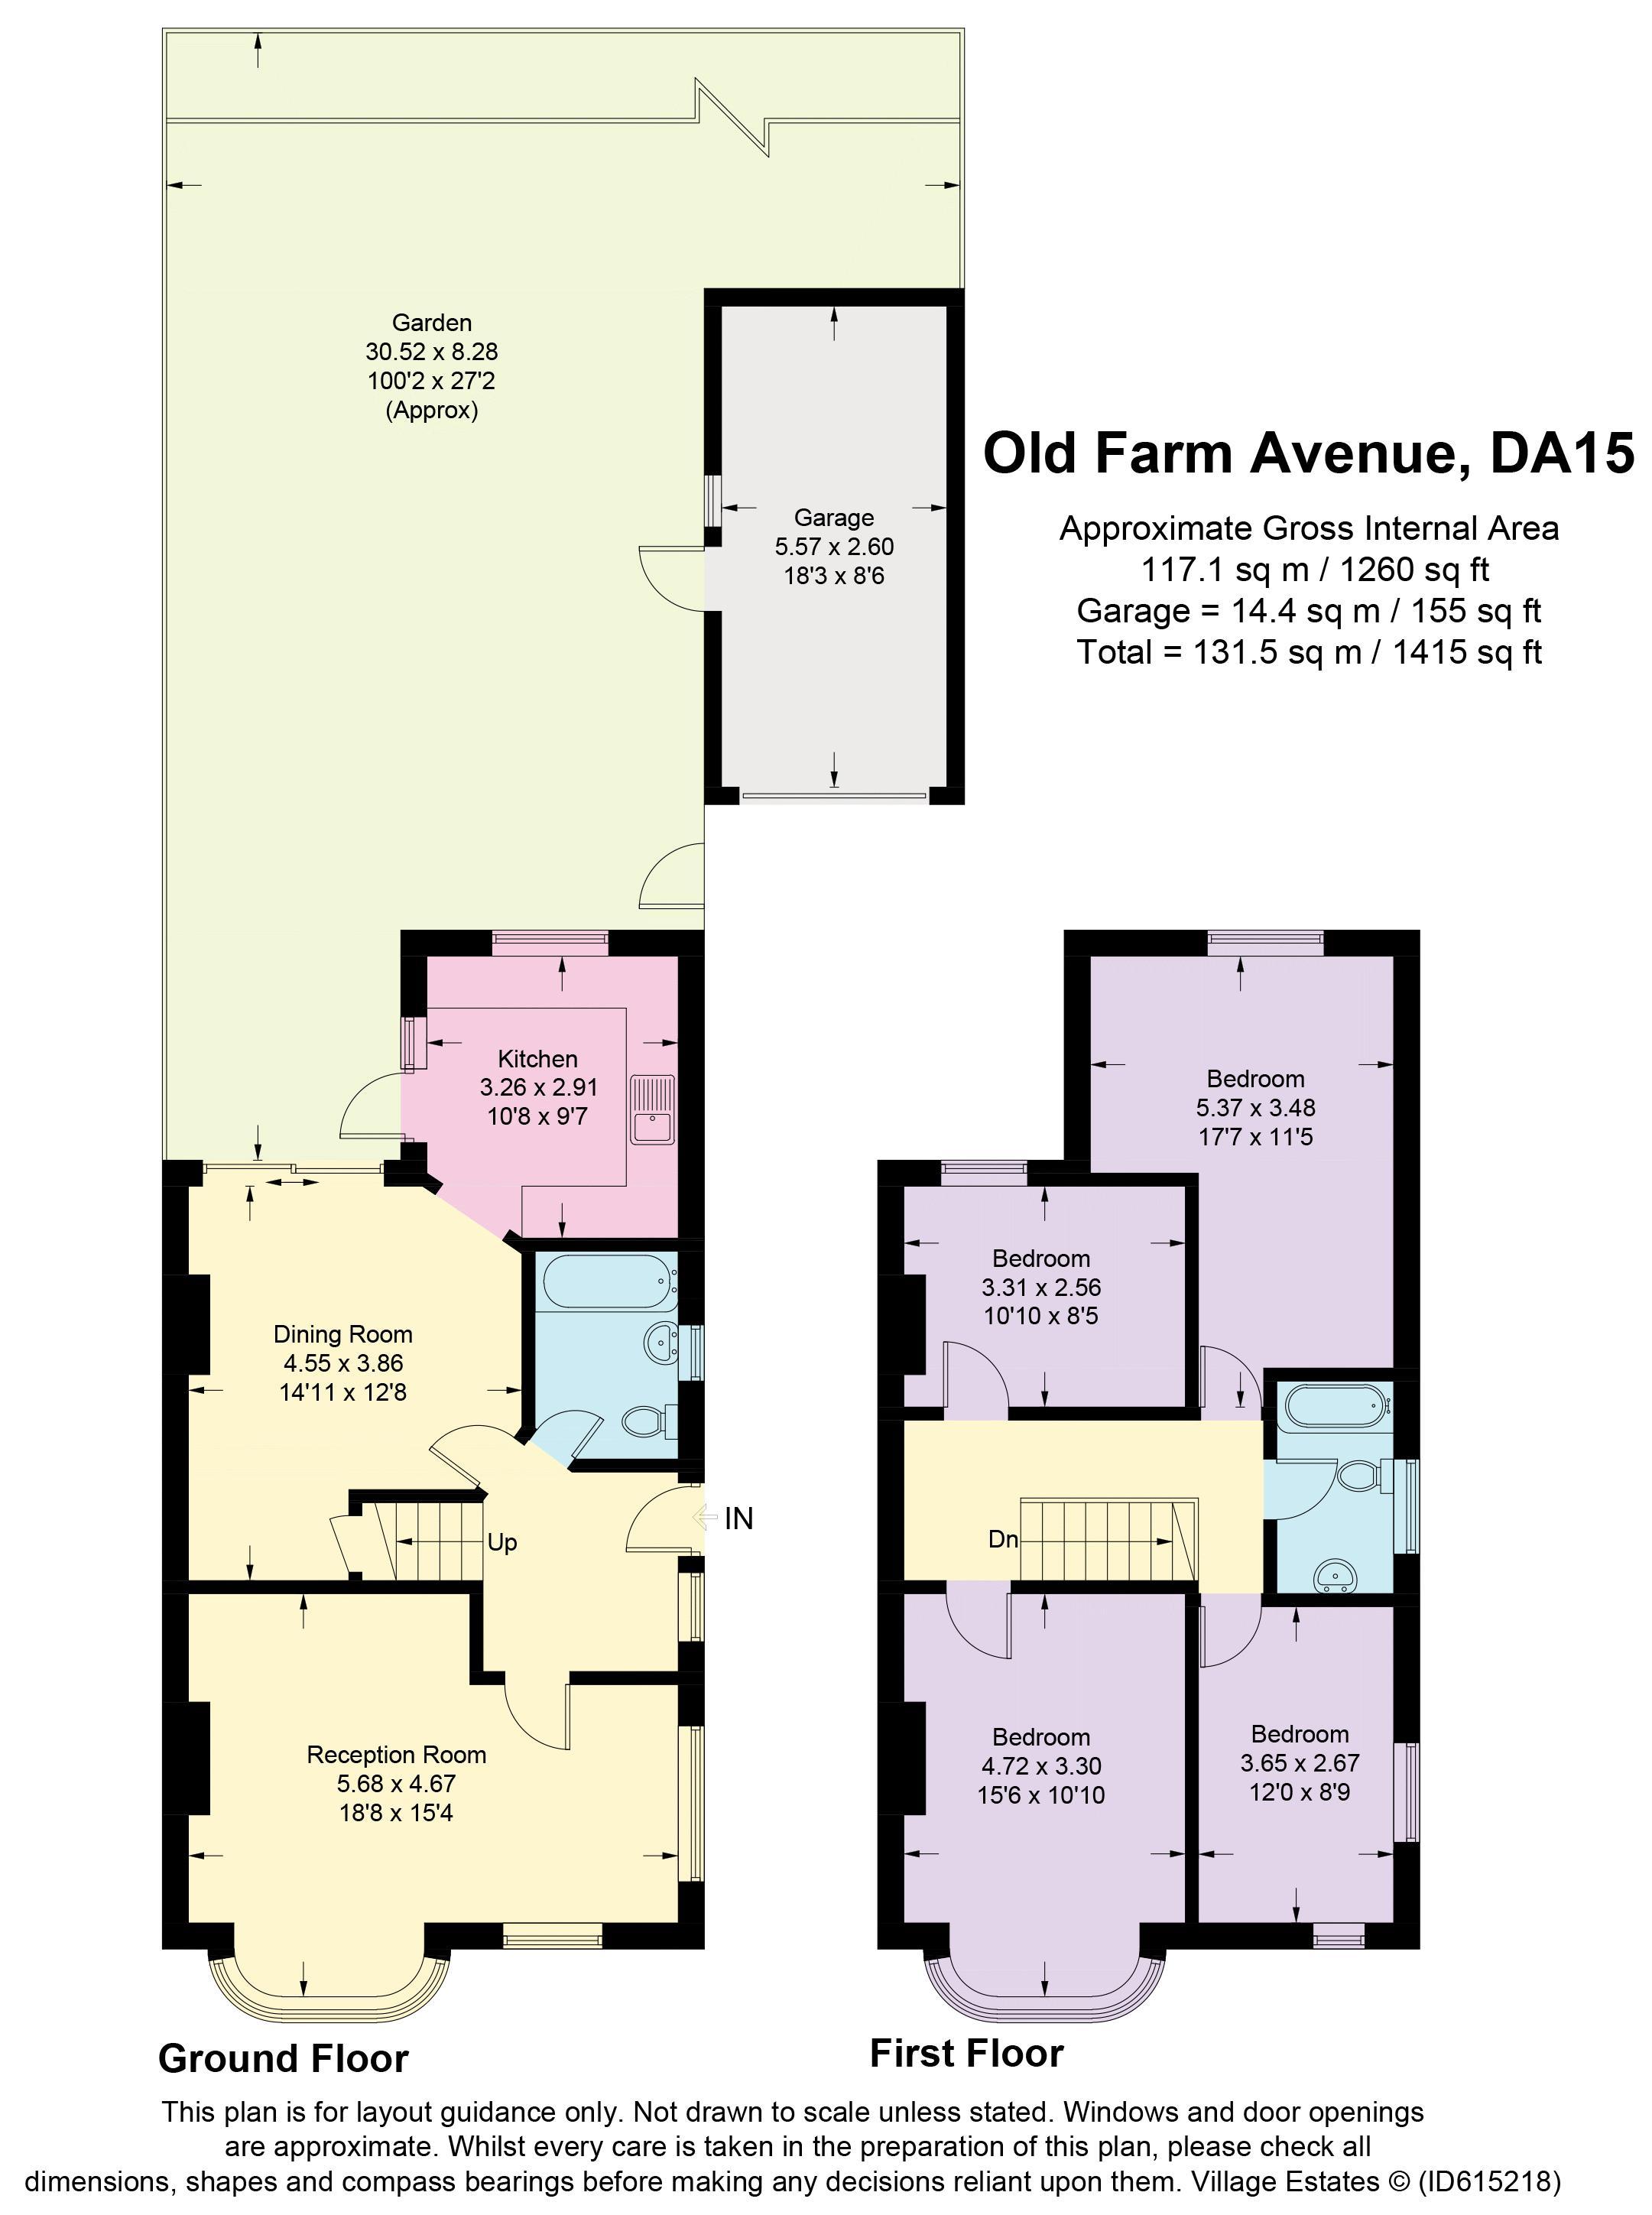 Old Farm Avenue Floorplan